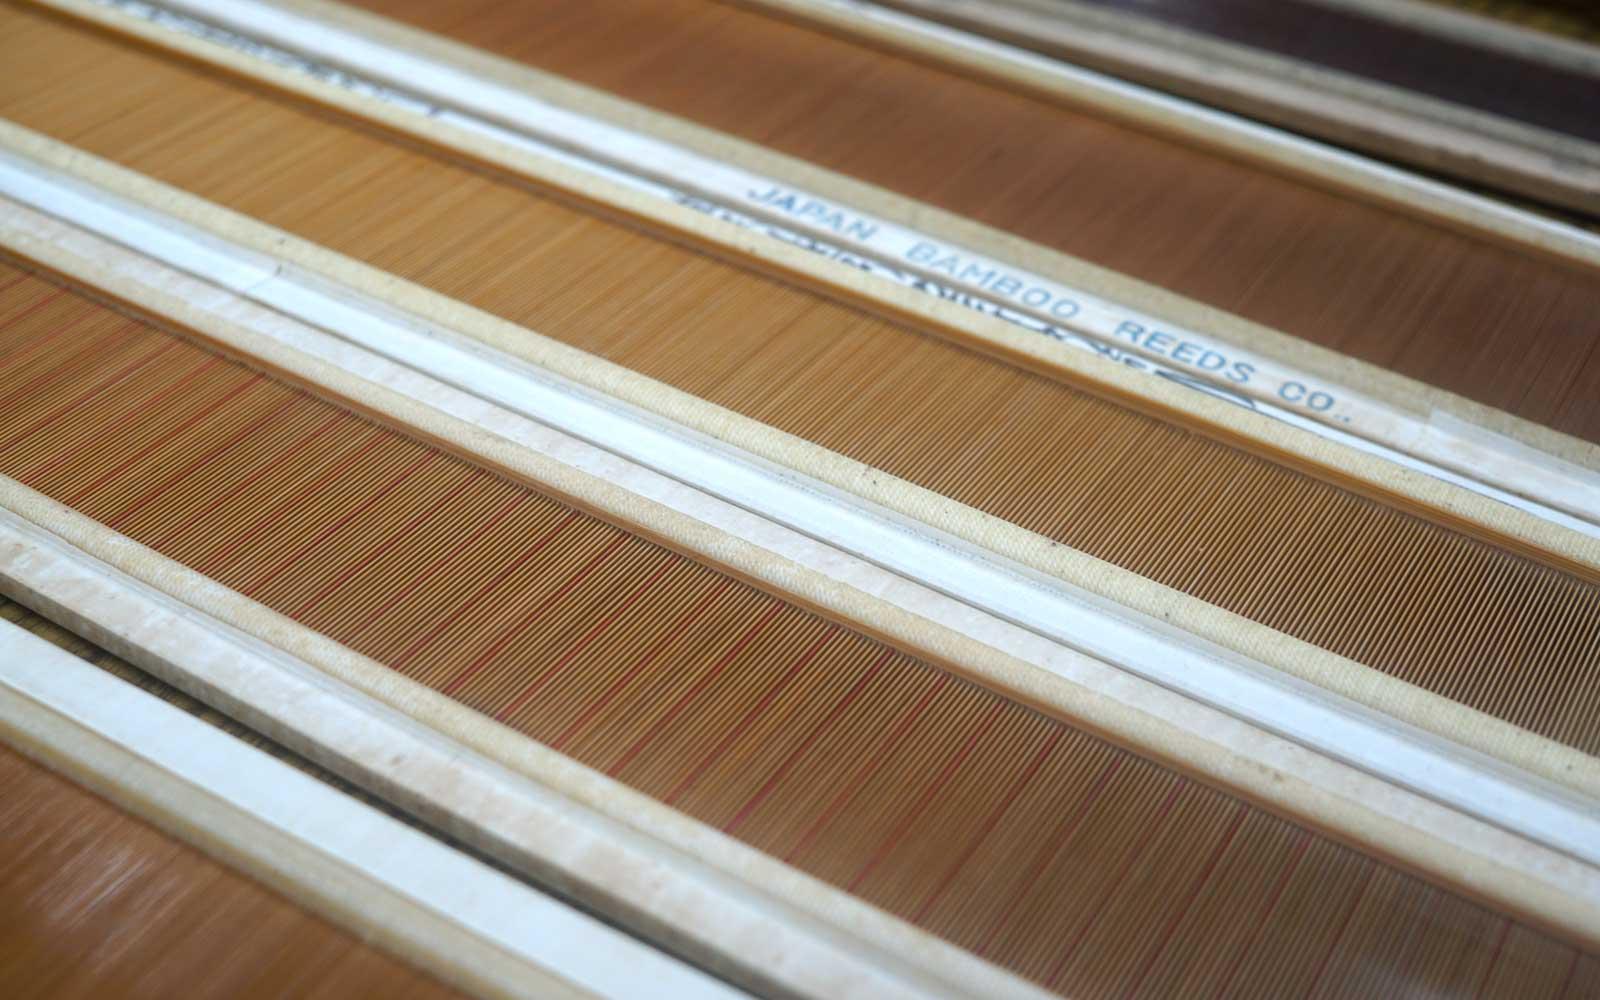 復活を目指して動き出しているという織機の部品、竹筬(たけおさ)。